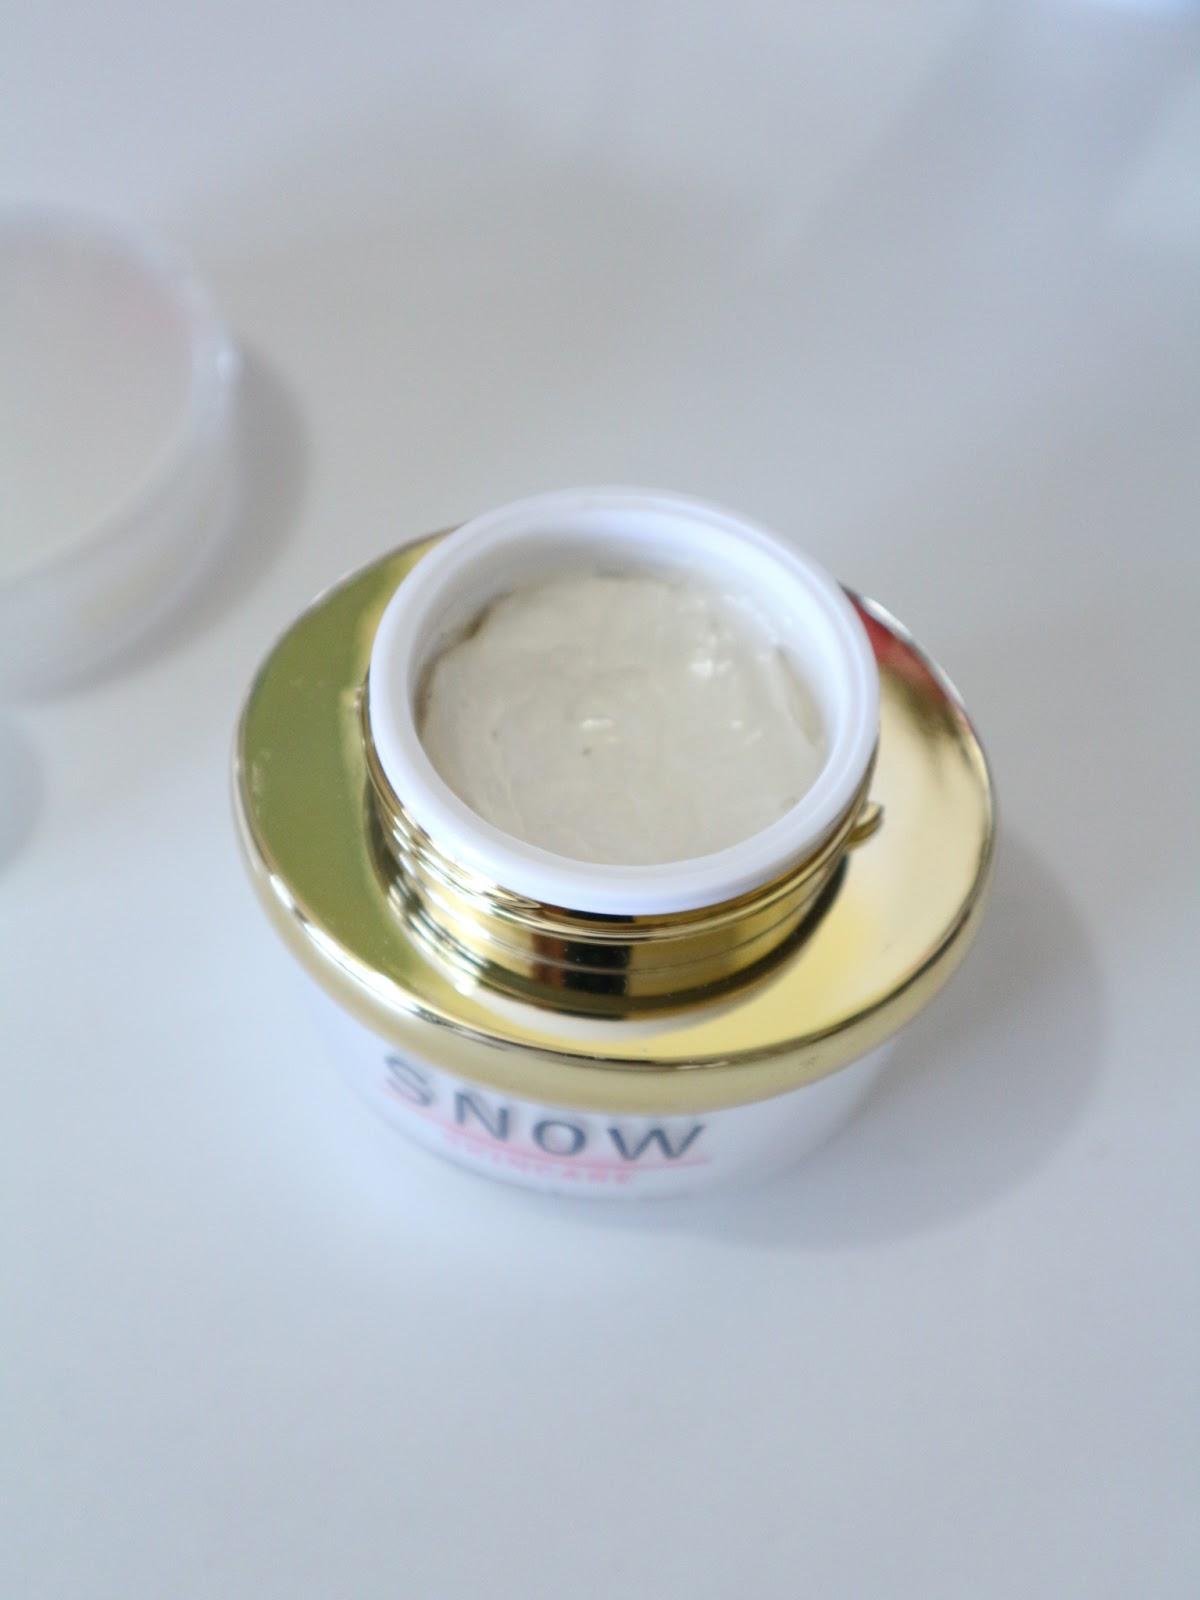 Snow Skincare Aura Review